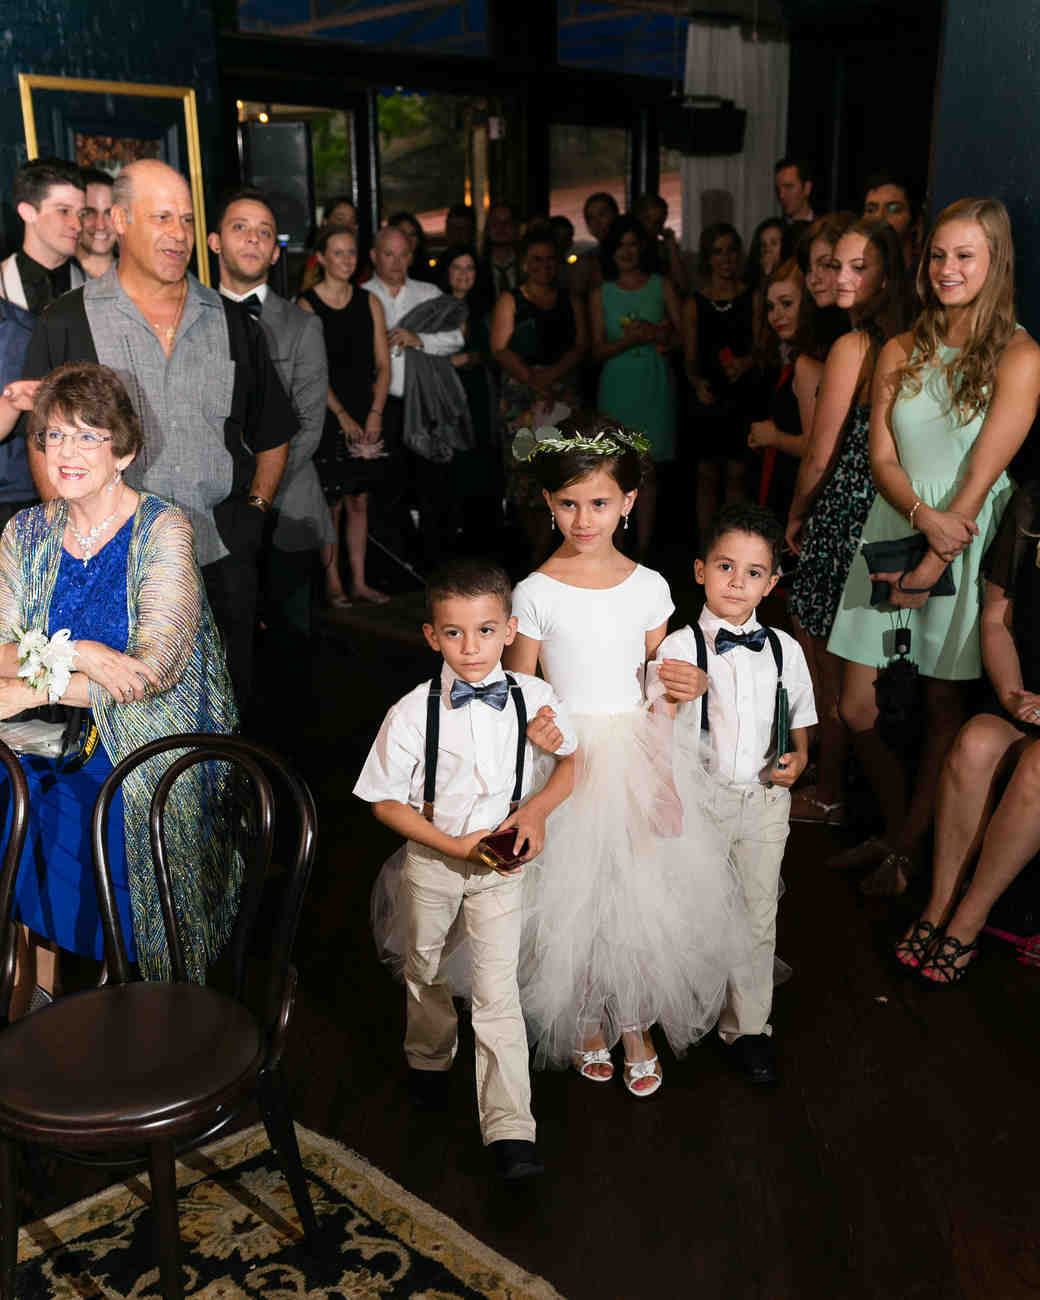 bianca-bryen-wedding-kids-217-s112509-0216.jpg